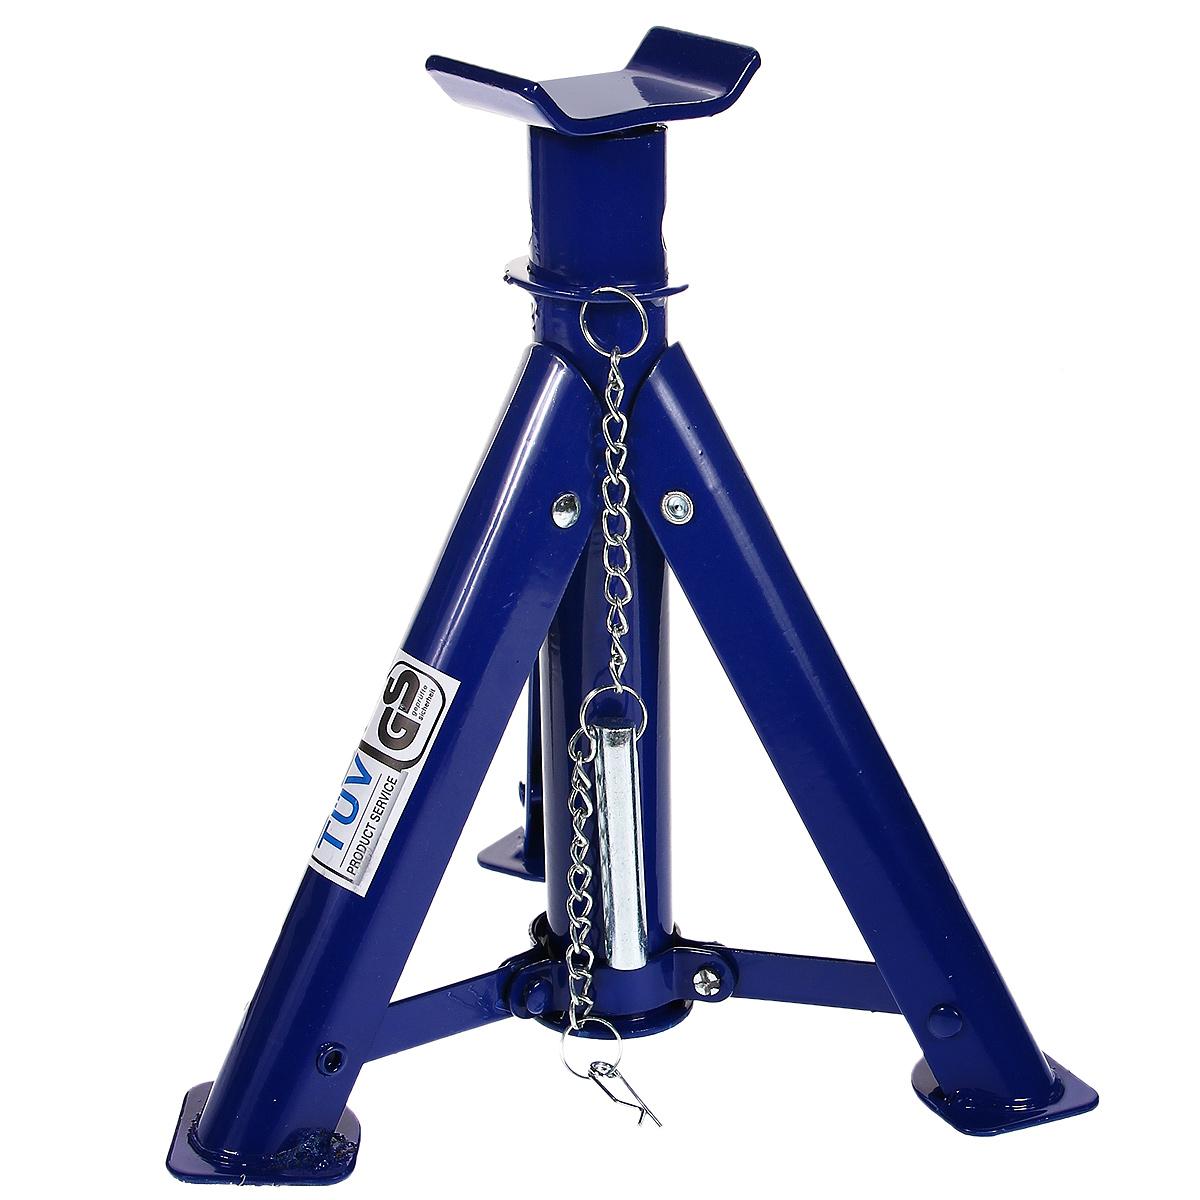 Подставка для автомобиля FIT, складная, 2 кг64590Подставка для автомобиля FIT, изготовленная из инструментальной стали, применяется как средство дополнительной страховки при поднятии автомобиля домкратом. 3 складные ножки для экономии места, удобства перевозки и хранения.Материал: инструментальная сталь. Максимальная нагрузка: 2 т. Высота подъема: 275-365 мм.